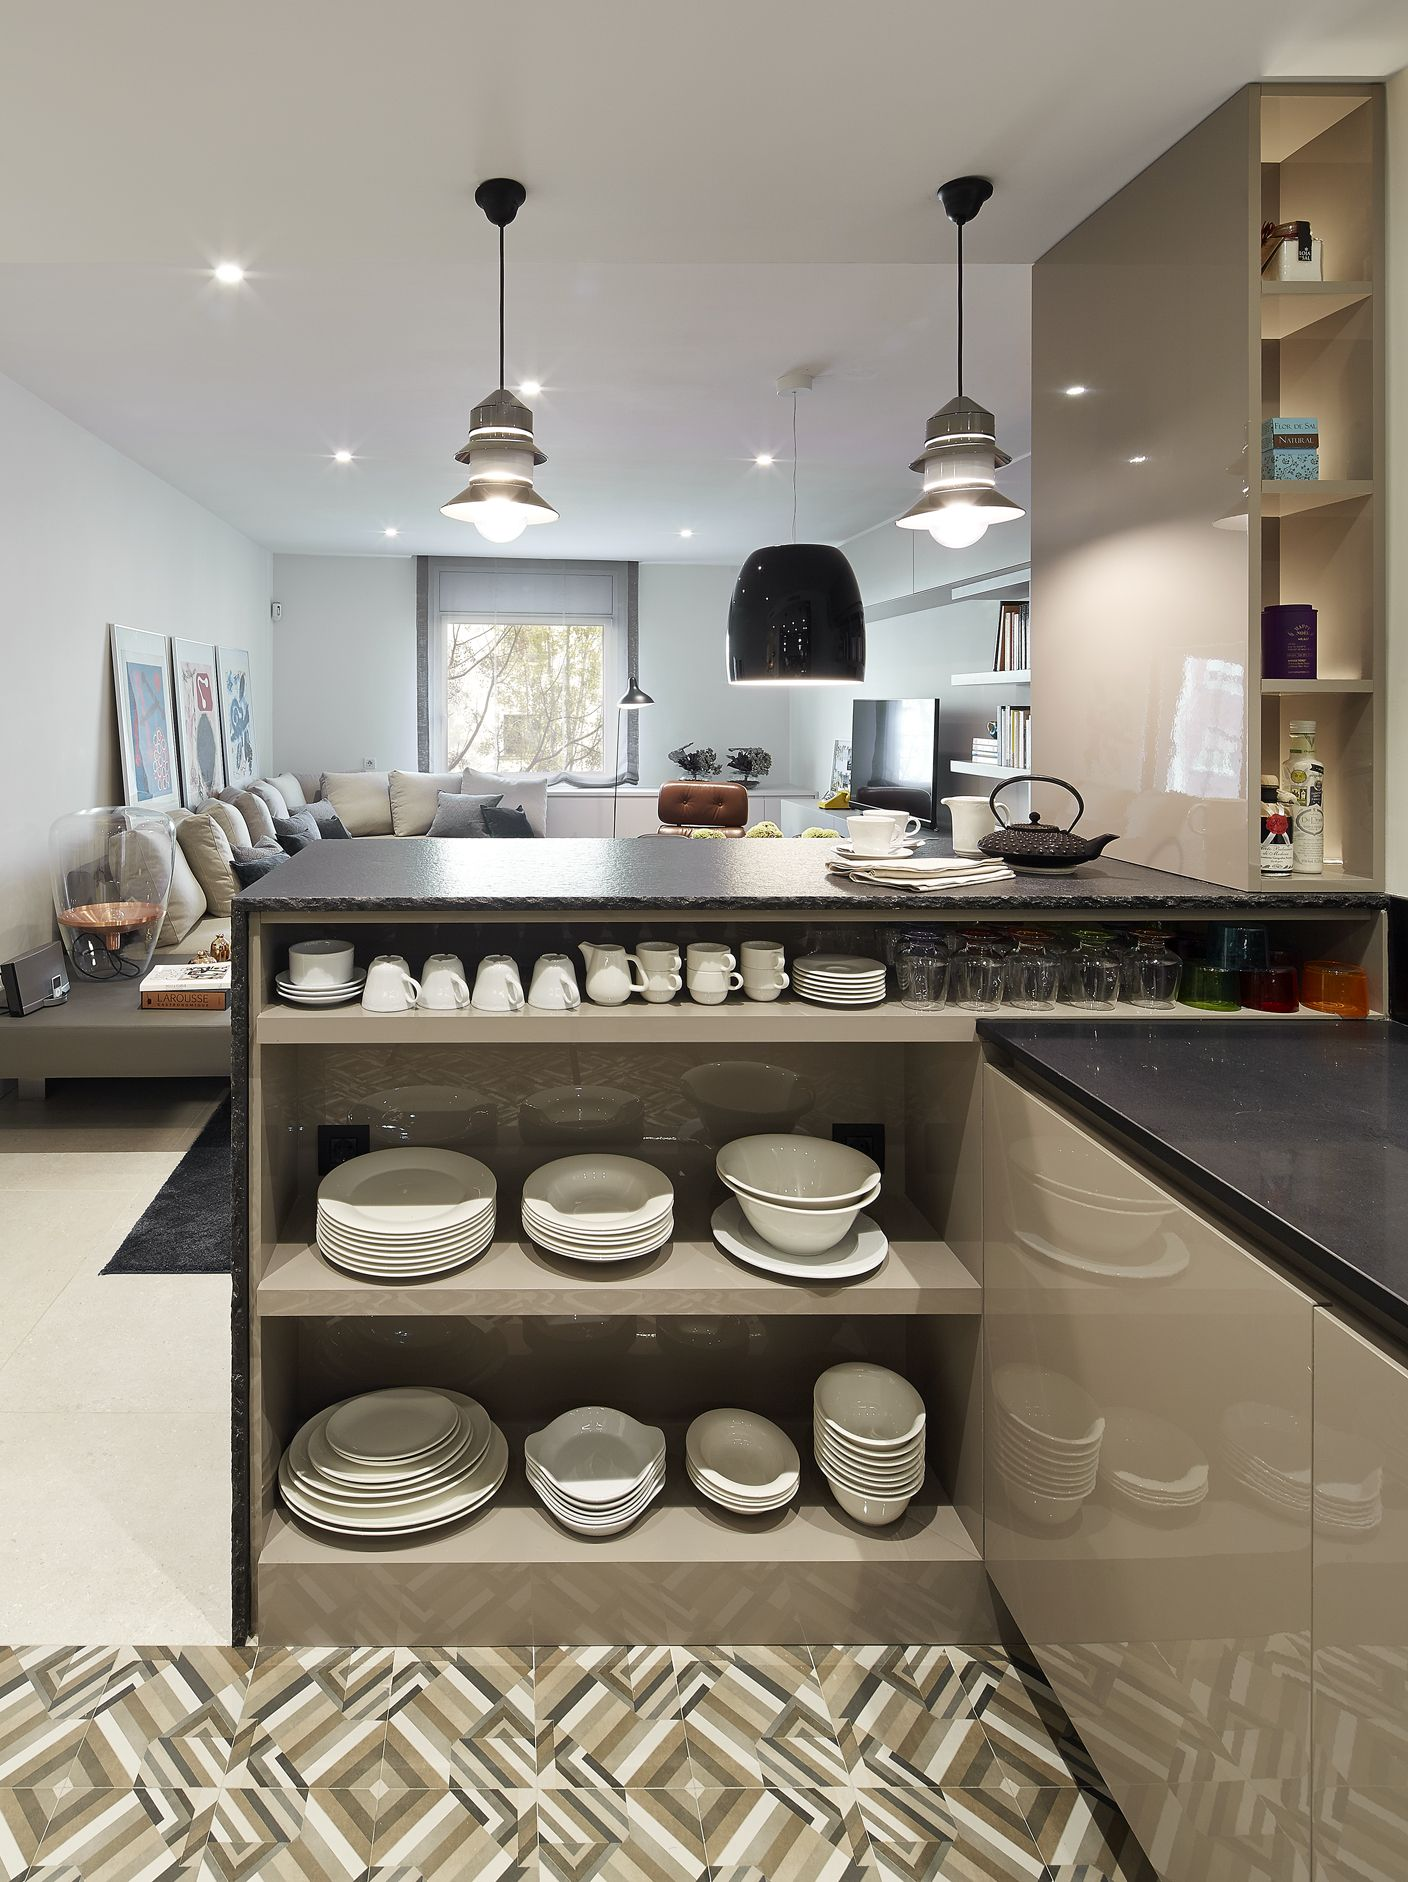 Molins Interiors // Arquitectura Interior   Interiorismo   Decoración    Salón   Comedor   Cocina   Barra   Almacenaje   Vajilla